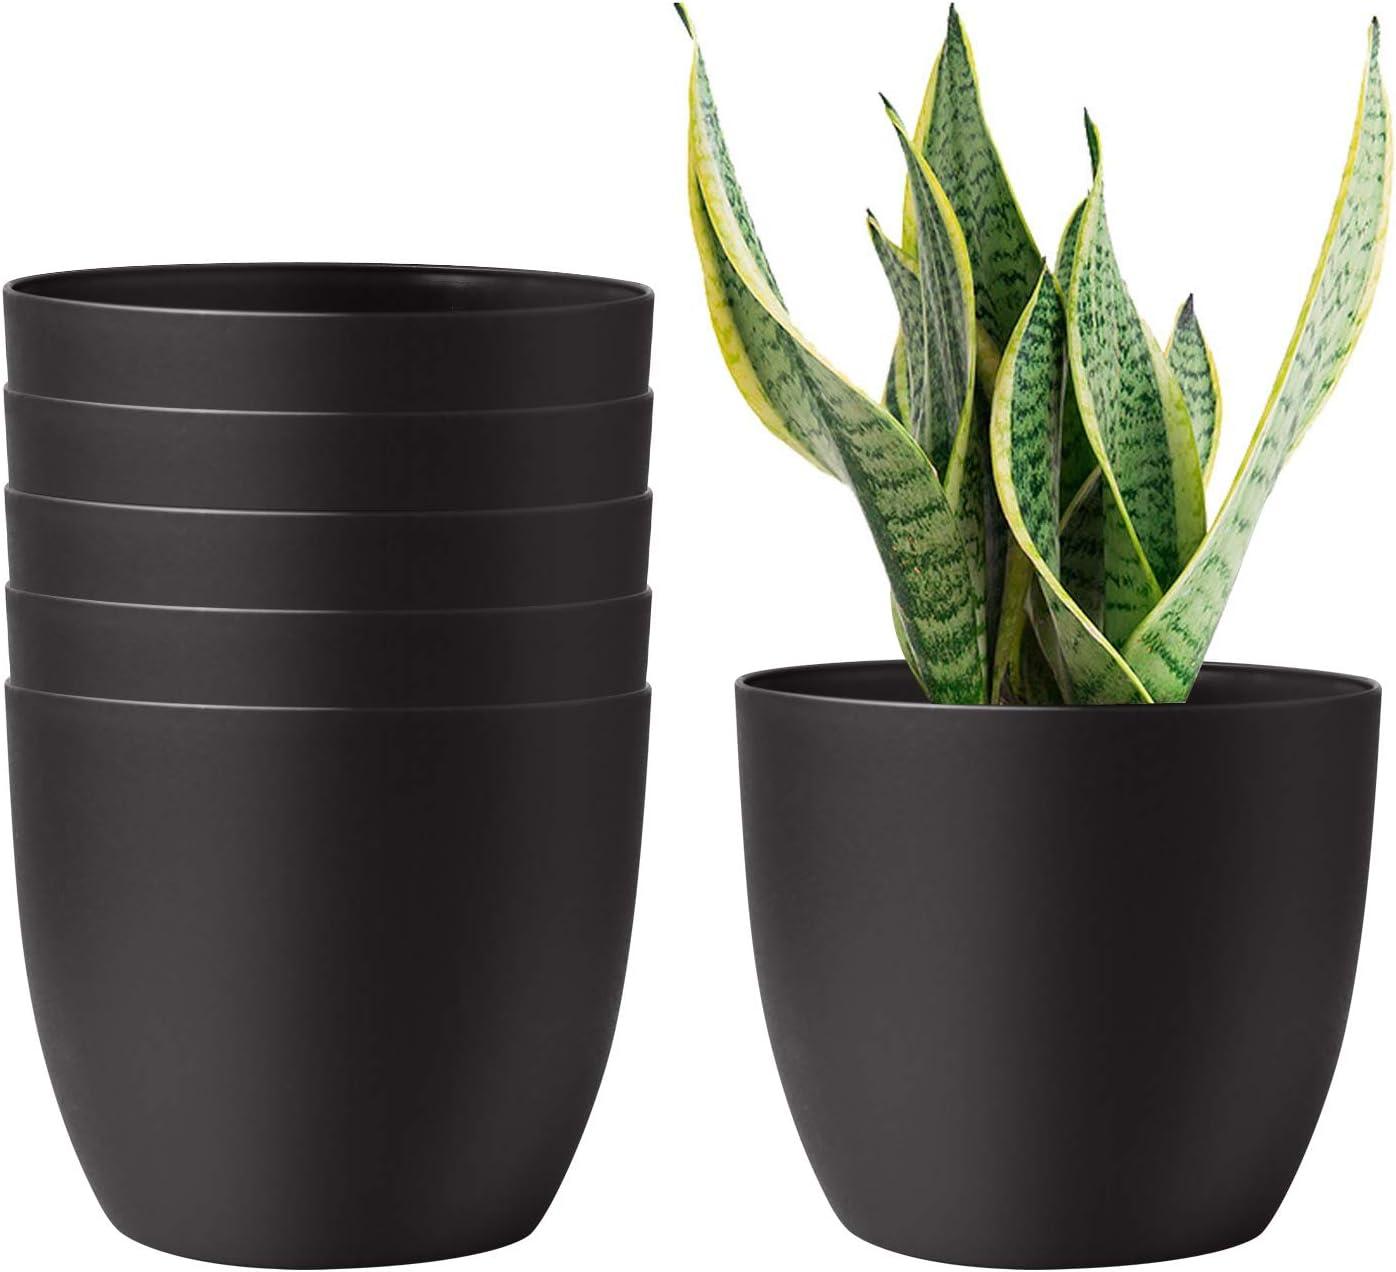 T4U Self-Watering Plastic Plant Pot